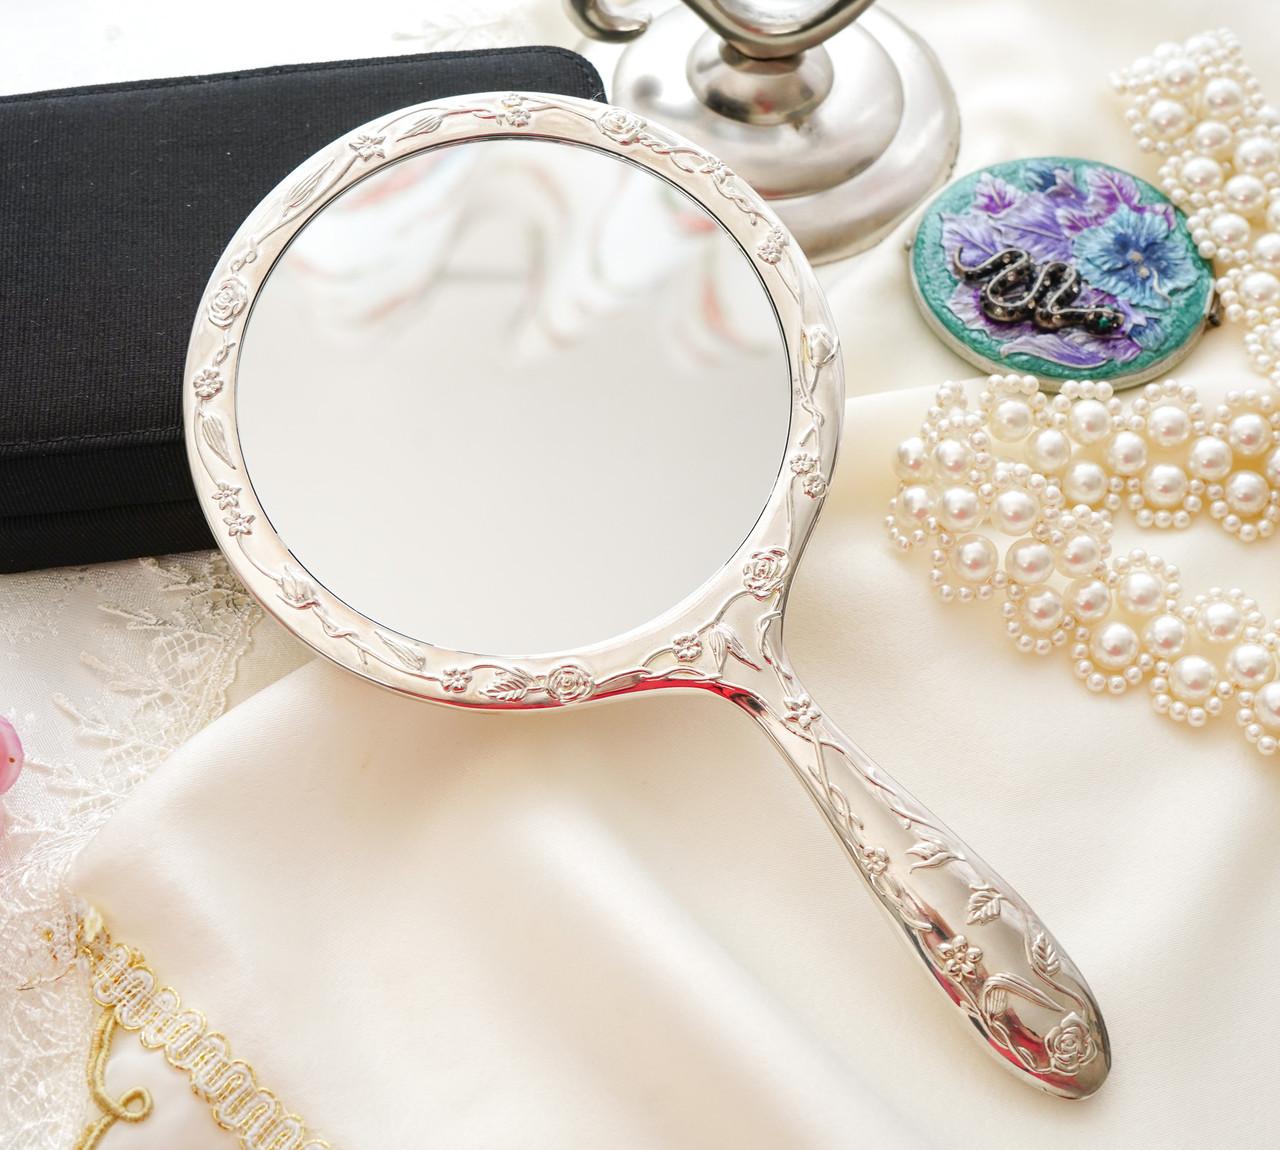 Красивое посеребренное ручное зеркало, зеркало с ручкой, серебрение, Англия, винтаж